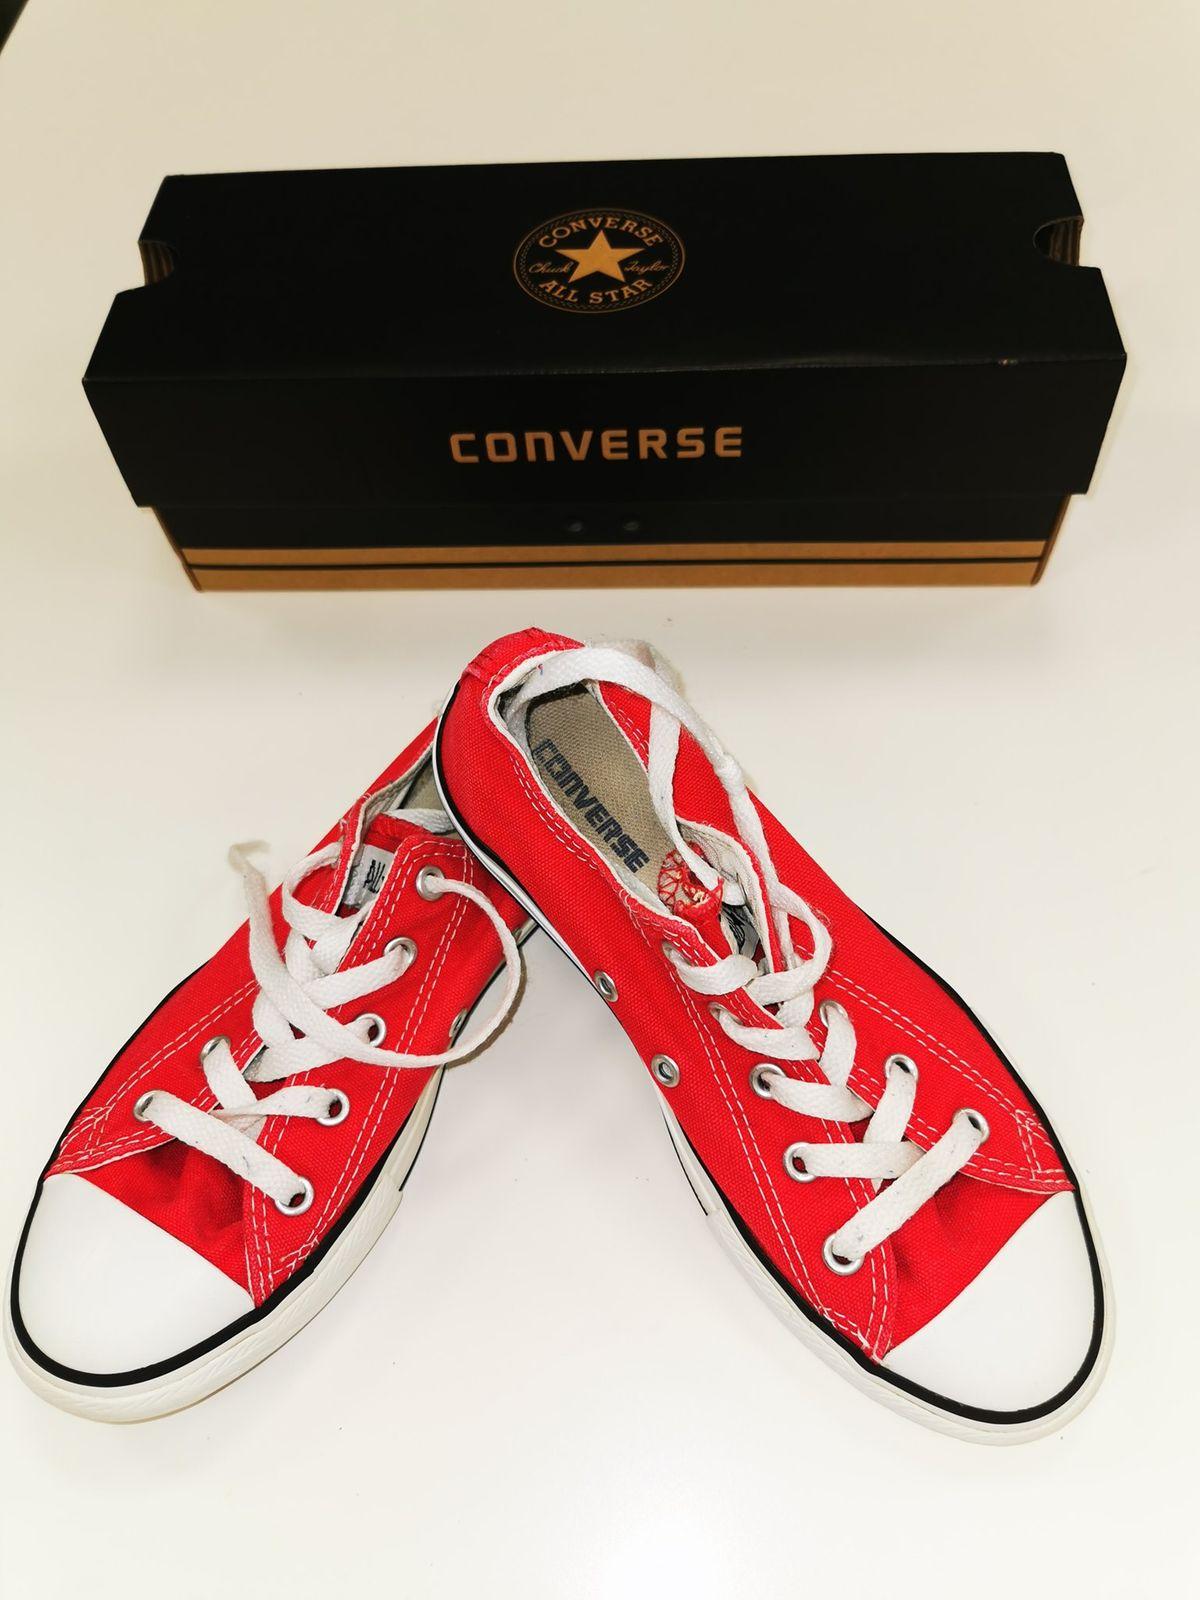 Converse n 34 € 18.00 9570